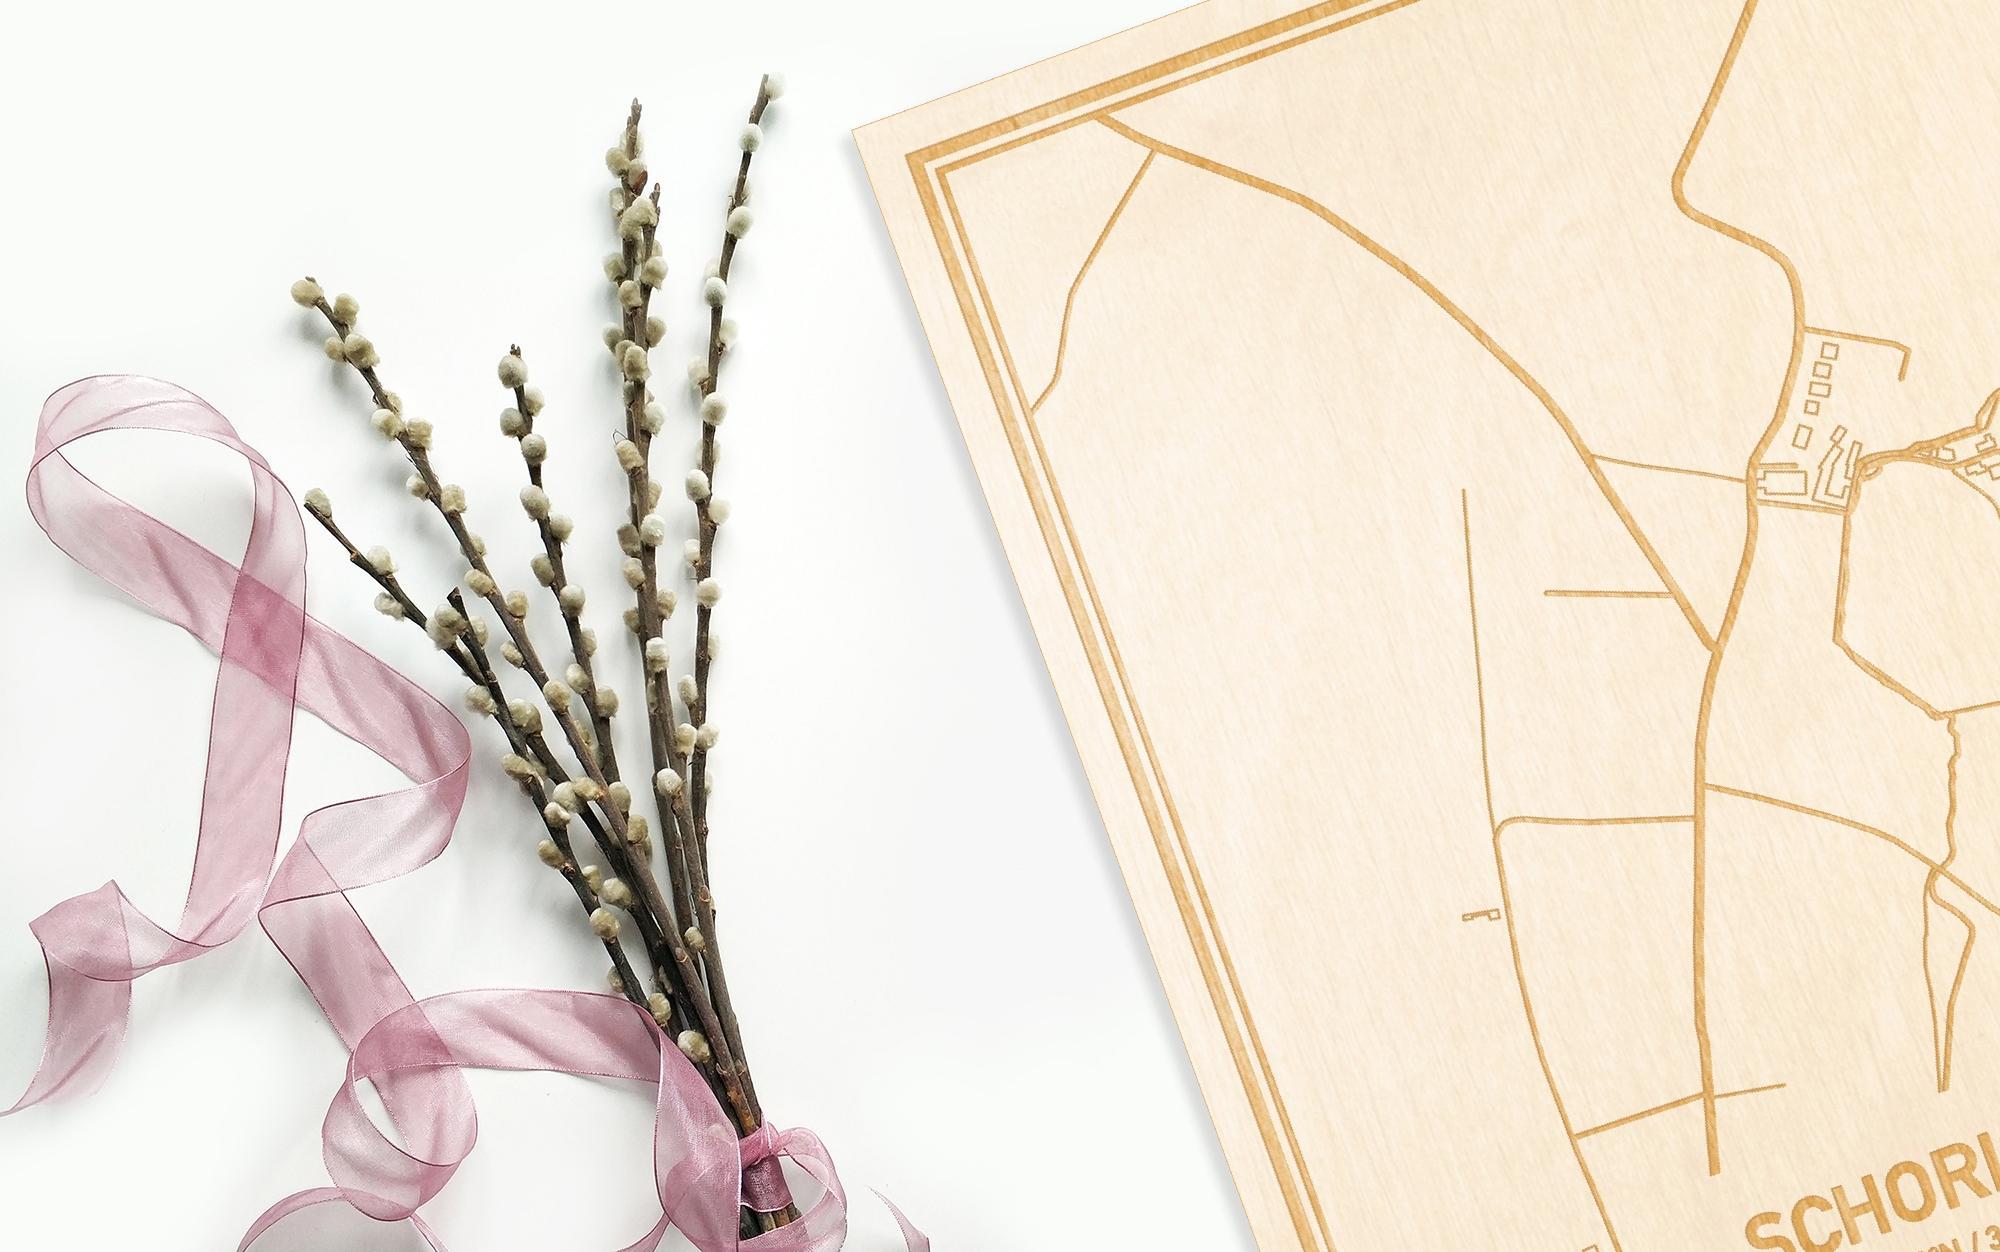 Hier ligt de houten plattegrond Schorisse naast een bloemetje als gepersonaliseerd cadeau voor haar.